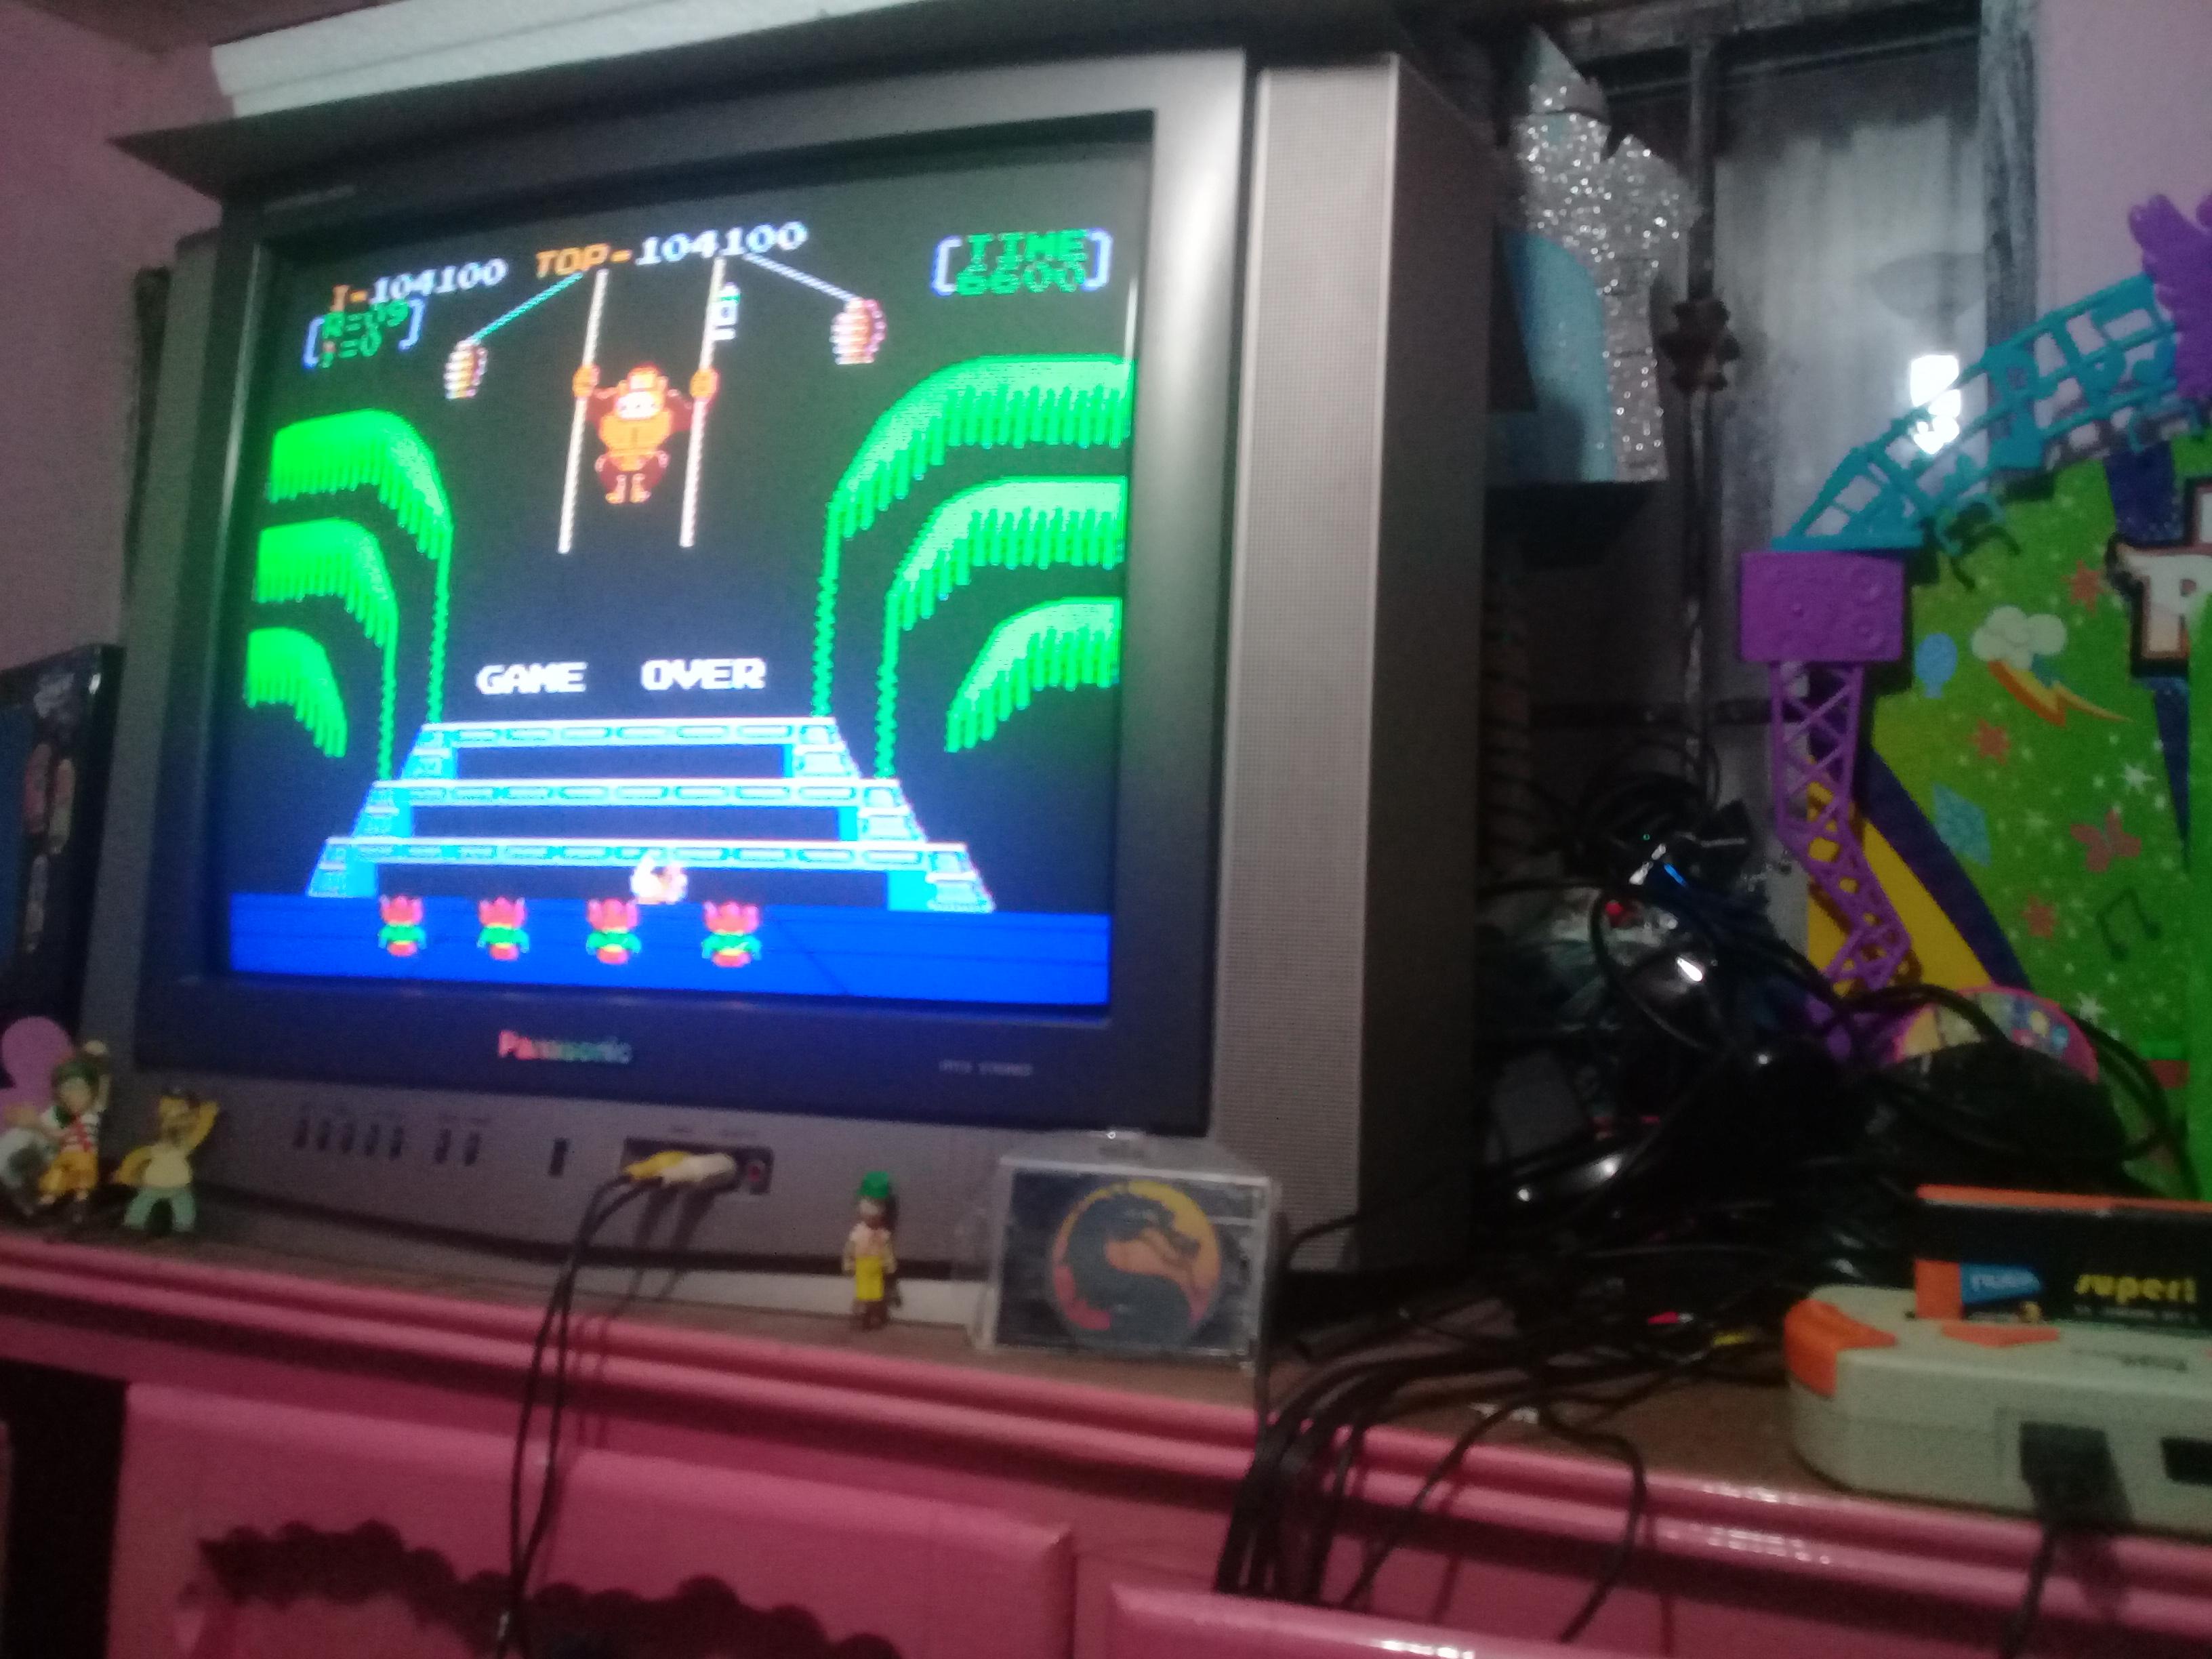 omargeddon: Donkey Kong 3: Game B (NES/Famicom Emulated) 104,100 points on 2019-01-23 18:45:33